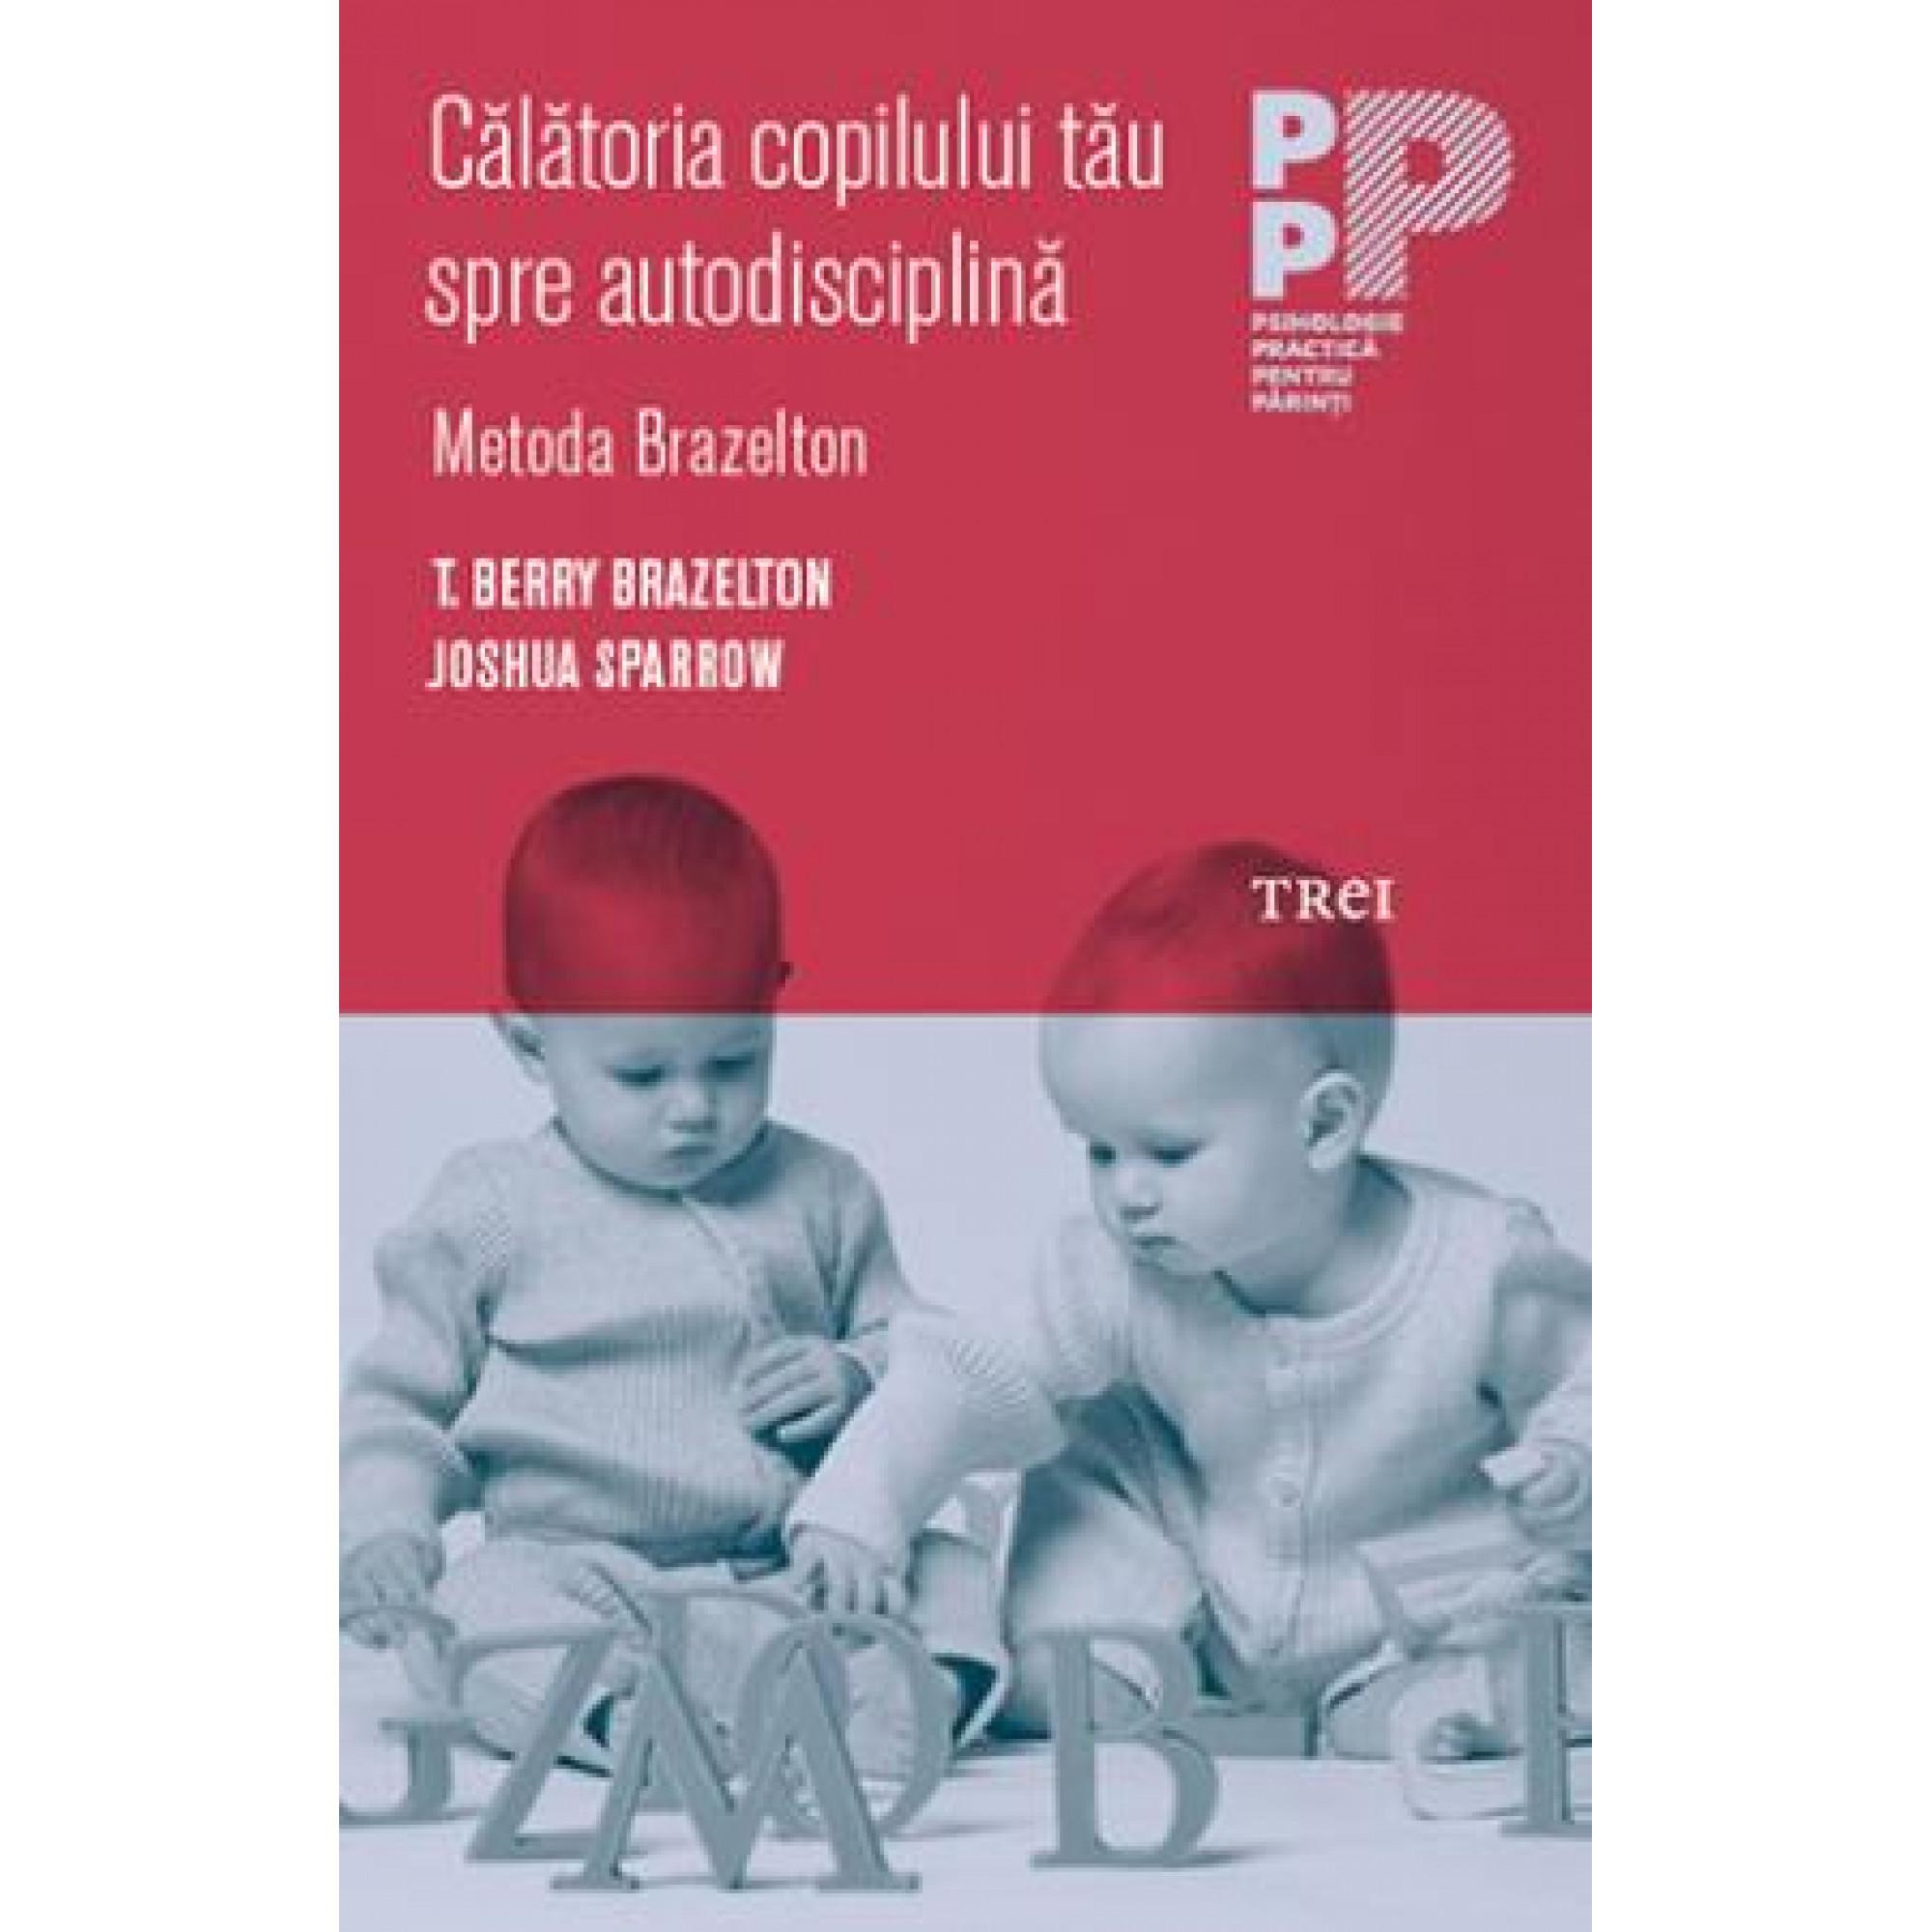 Călătoria copilului tău spre autodisciplină. Metoda Brazelton; T. Berry Brazelton, Joshua Sparrow